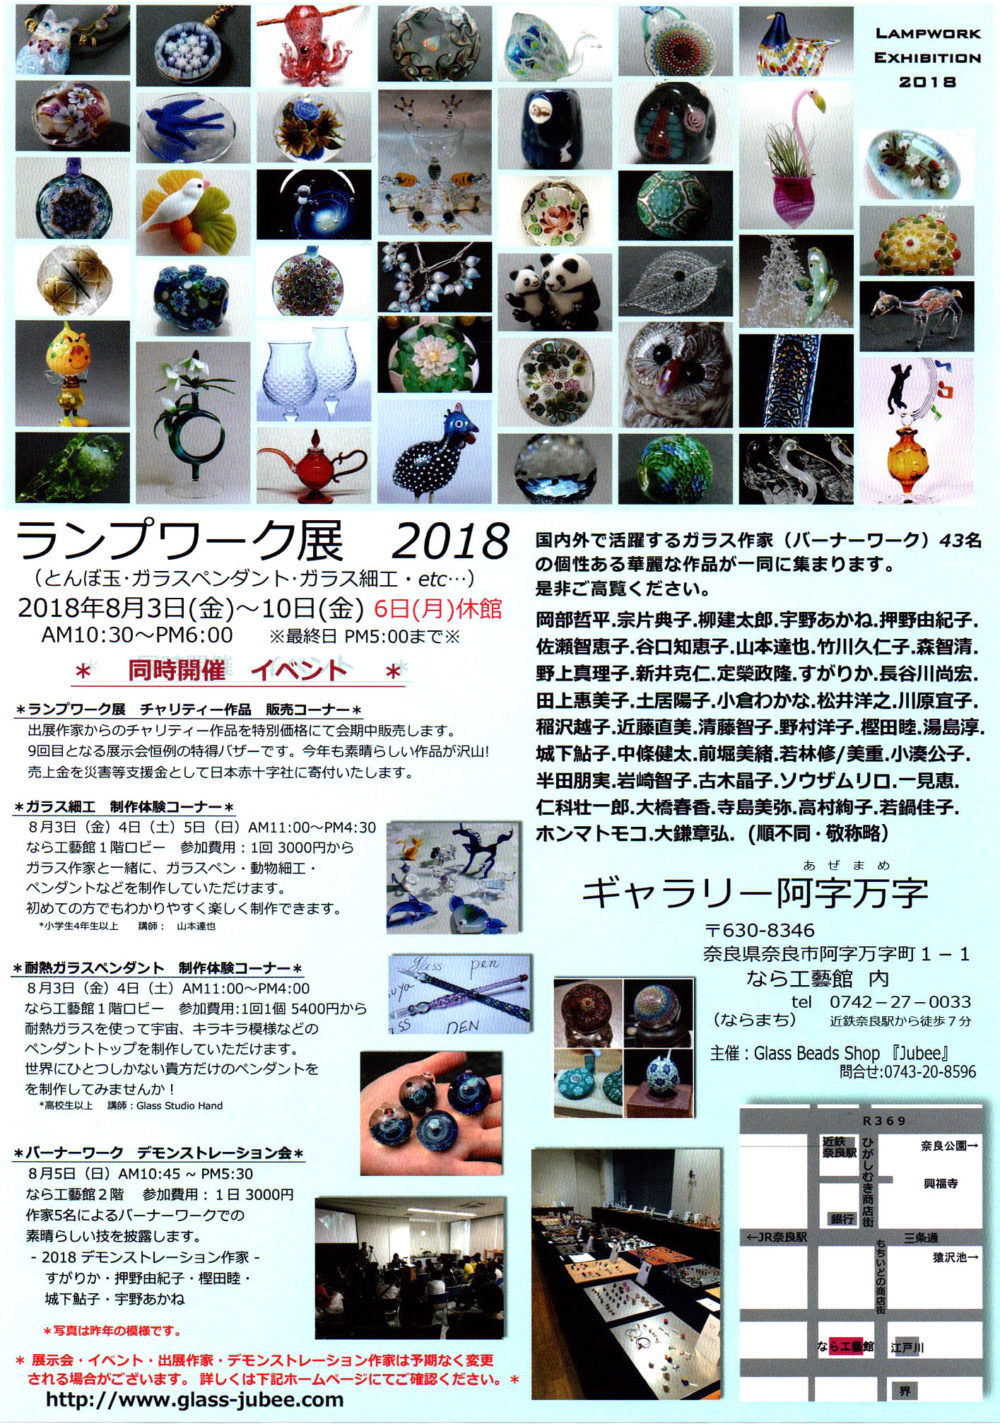 [Exhibition]Lampwork Exhibition 2018 in Nara (2018/08/03 - 10)